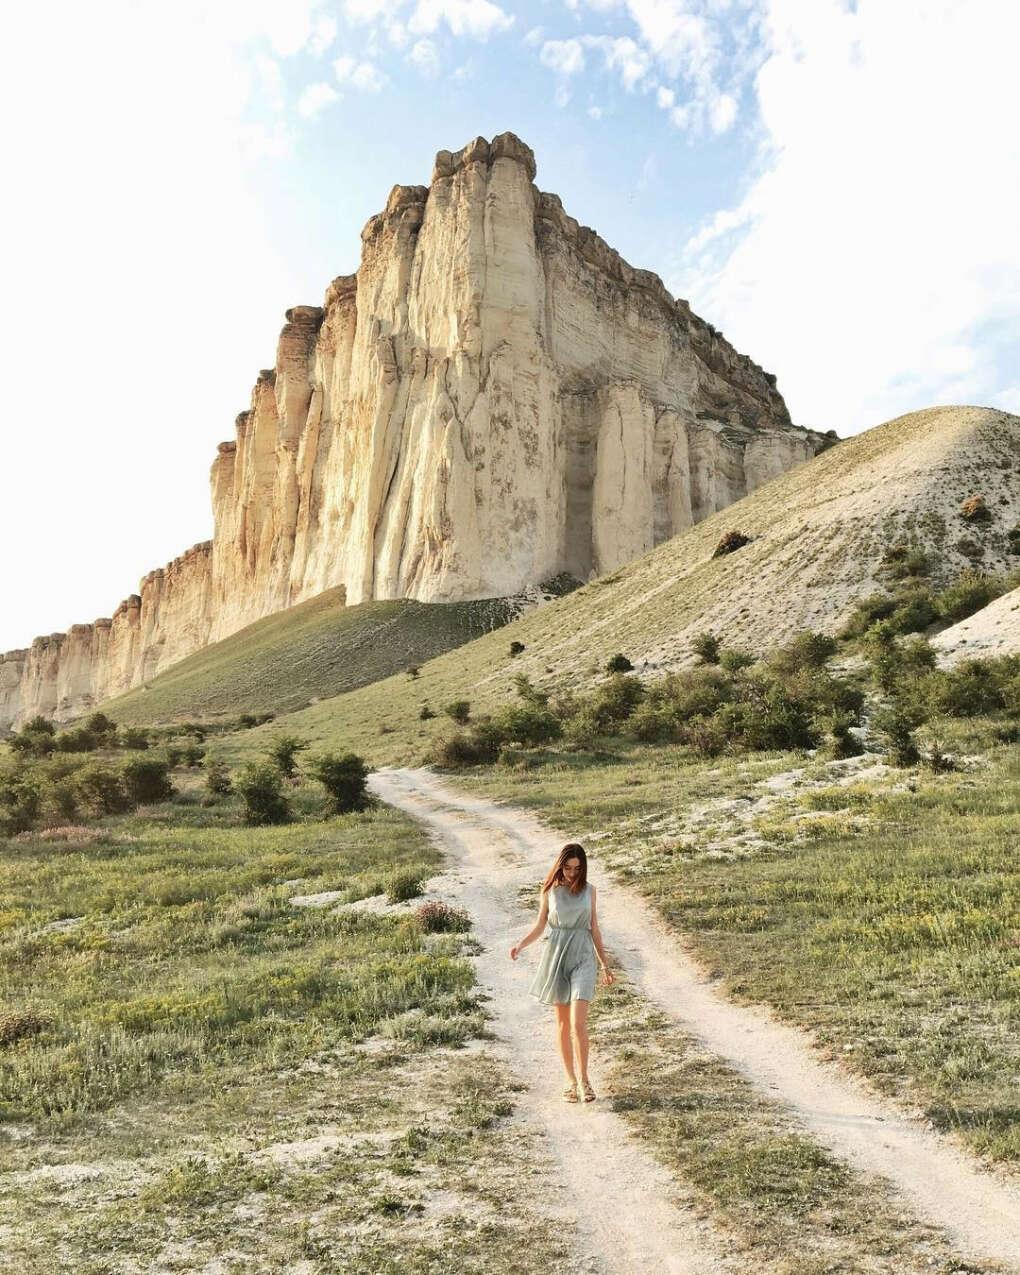 Сфотографироваться на фоне Белой скалы